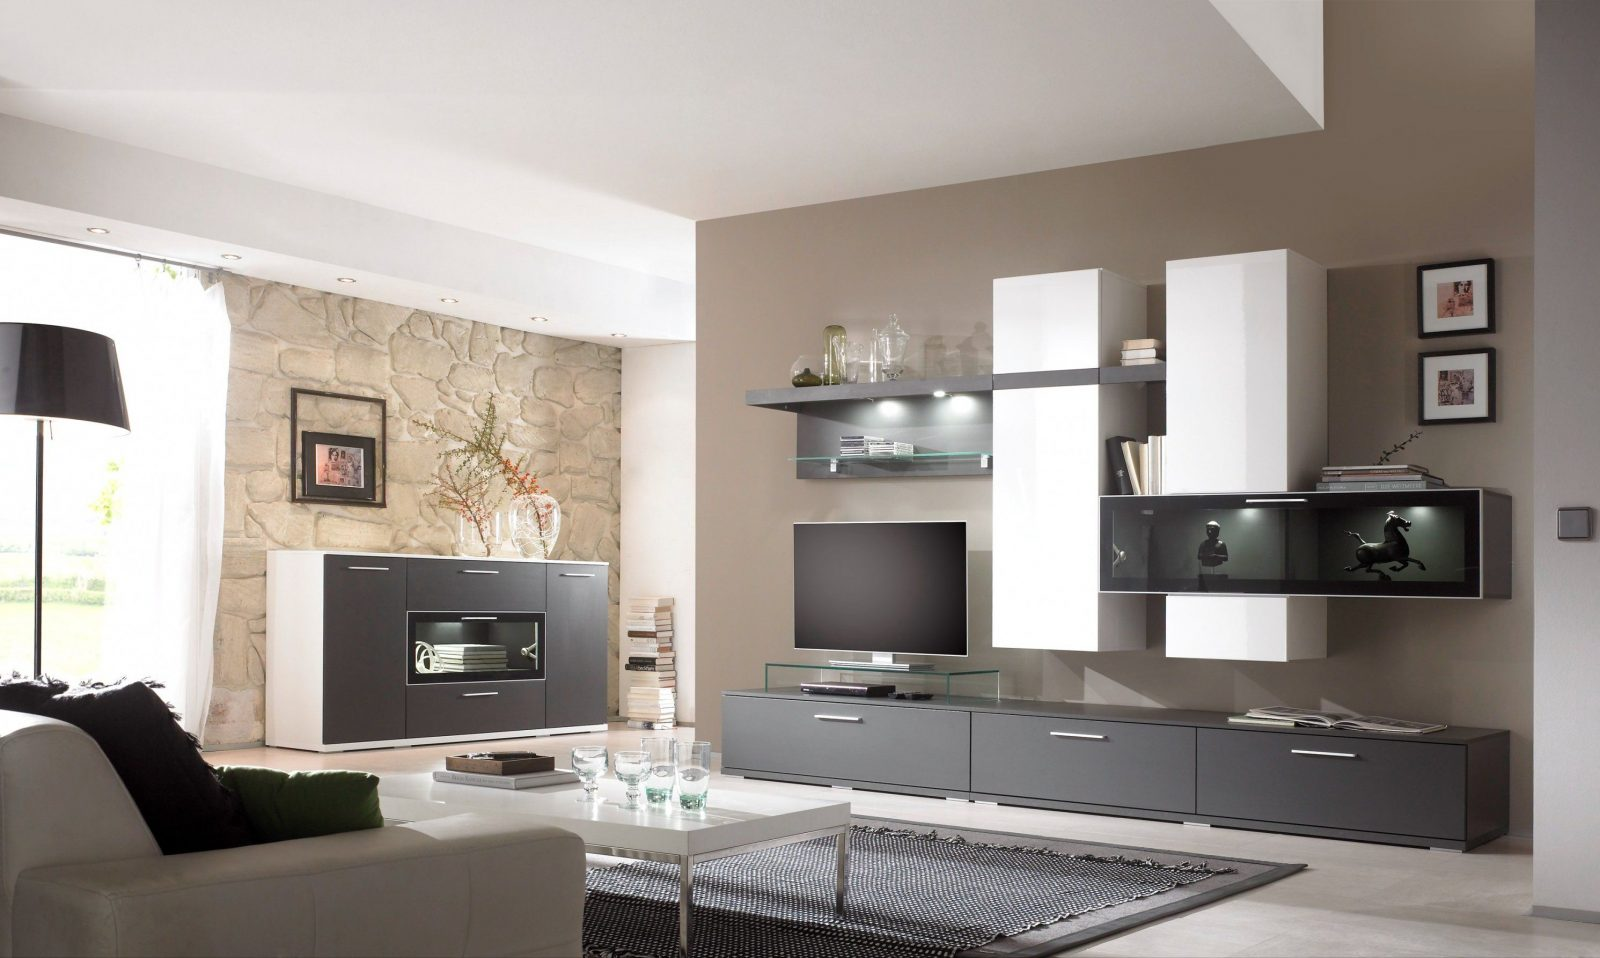 Marvellous Design Wandgestaltung Wohnzimmer Braun Beige Home von ...